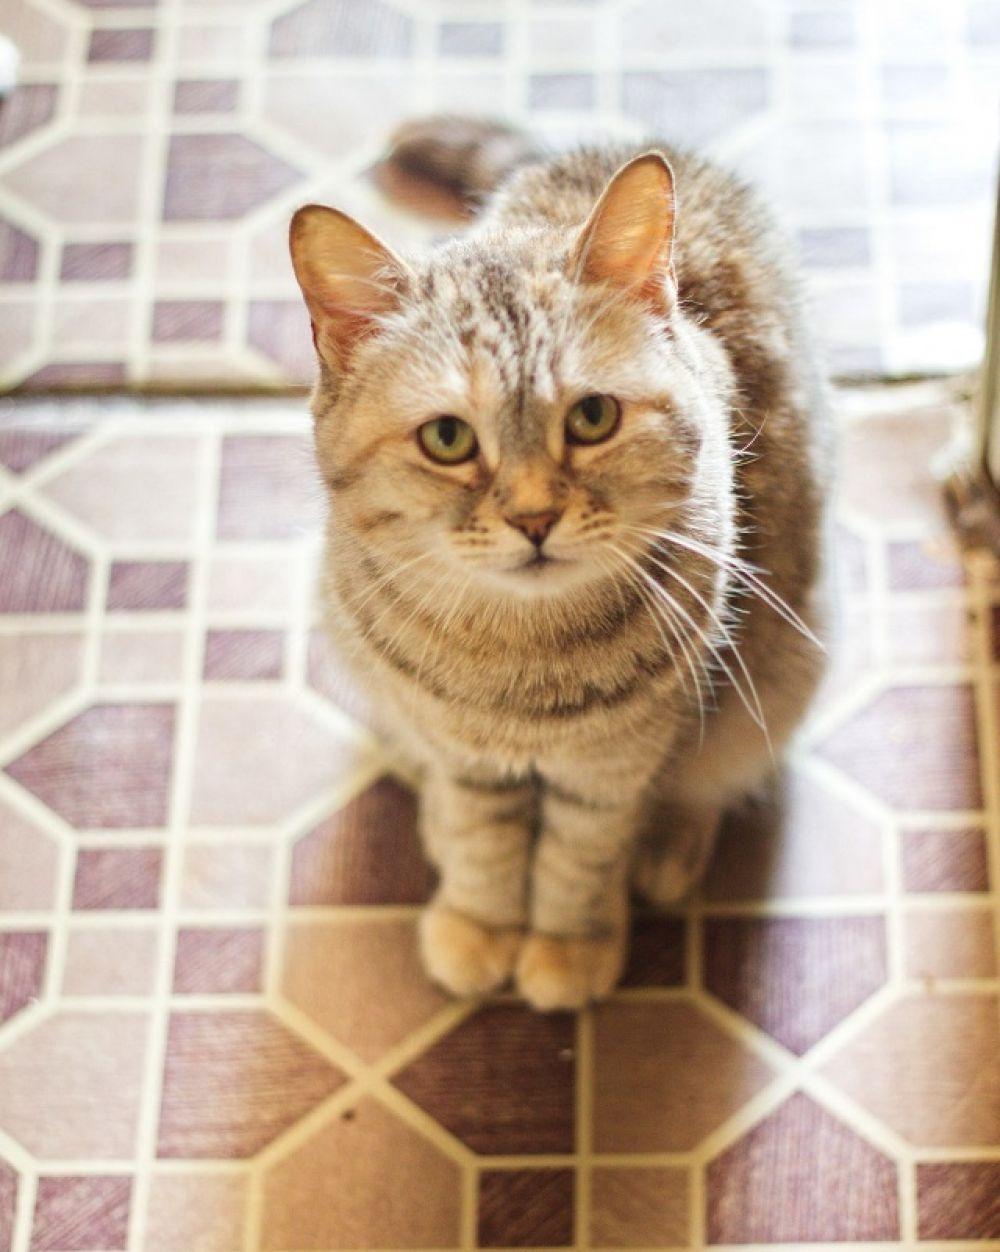 Мини. Три года, к лотку приучена, отдается в квартиру без других кошек. Спокойное животное с ненавязчивым характером.